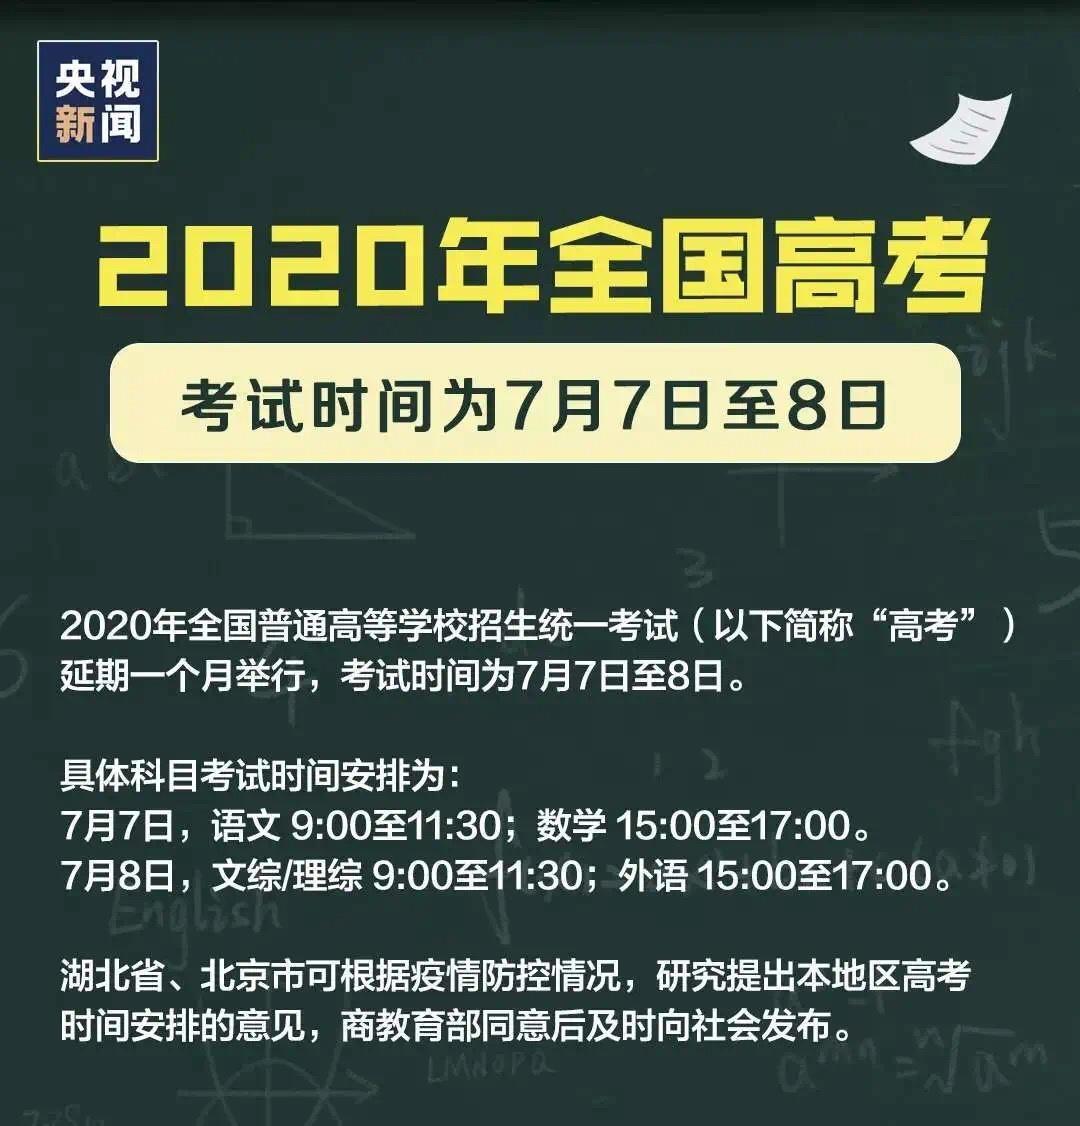 微信图片_20200402153220.jpg